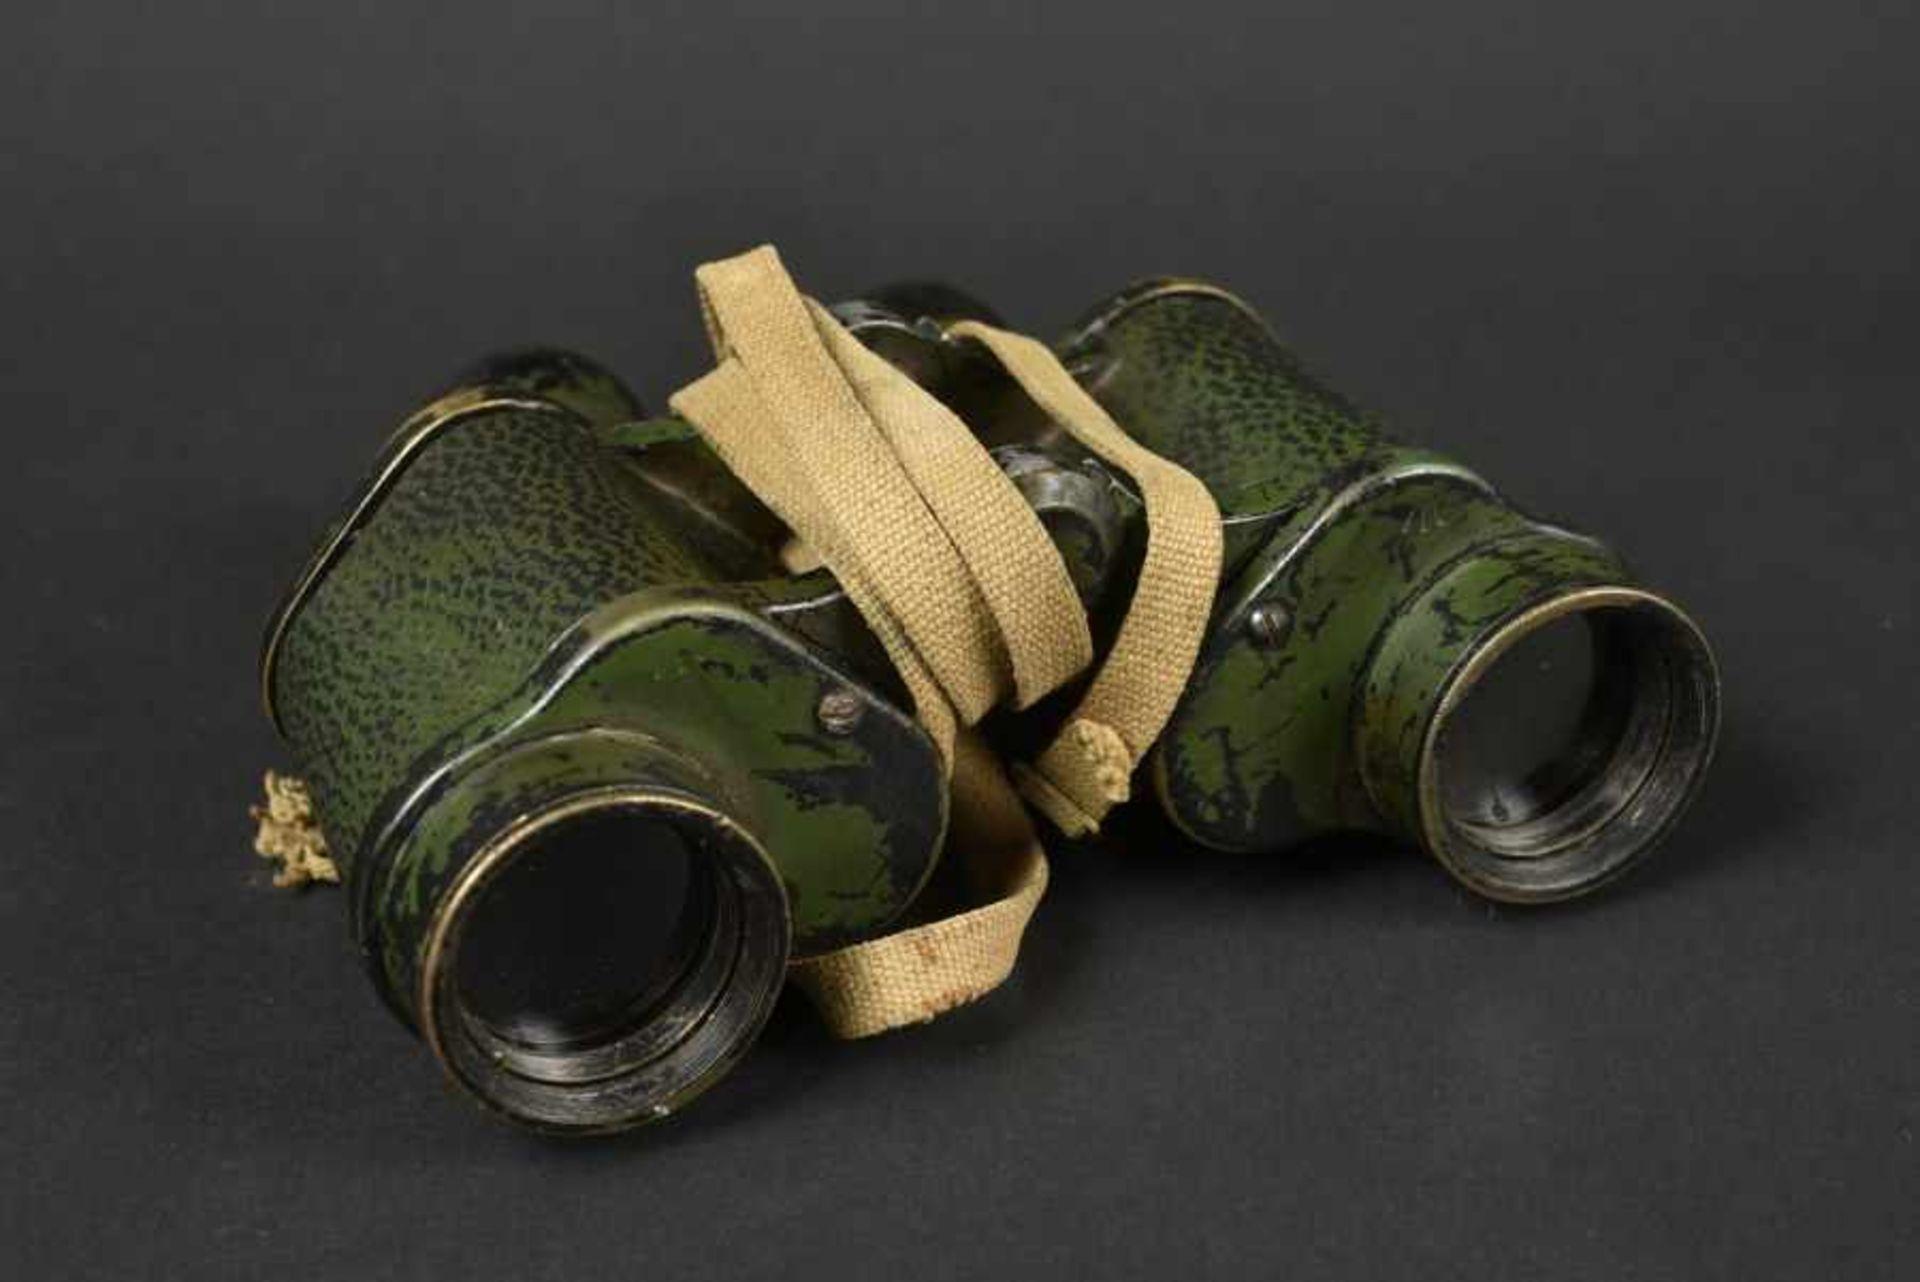 Jumelle du parachutiste britannique DS Catlin de la 6ème Airborne. A pair of binoculars belonging to